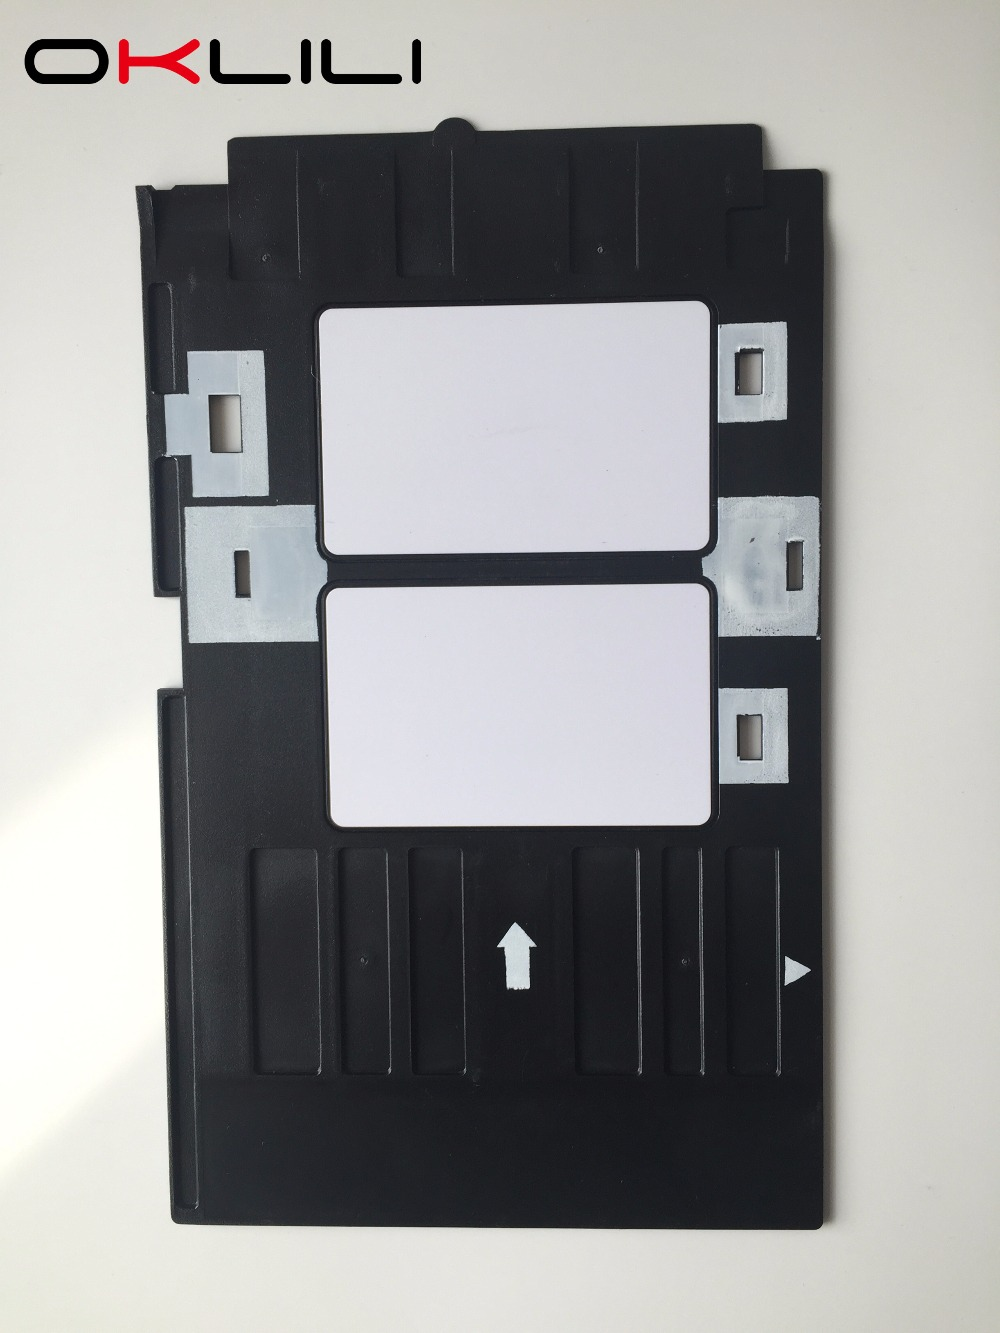 PVC- ի քարտի սկուտեղ Պլաստիկ քարտերի տպման սկուտեղ Epson R260 R265 R270 R280 R290 R380 R390 RX680 T50 T60 A50 P50 L800 L801 R330